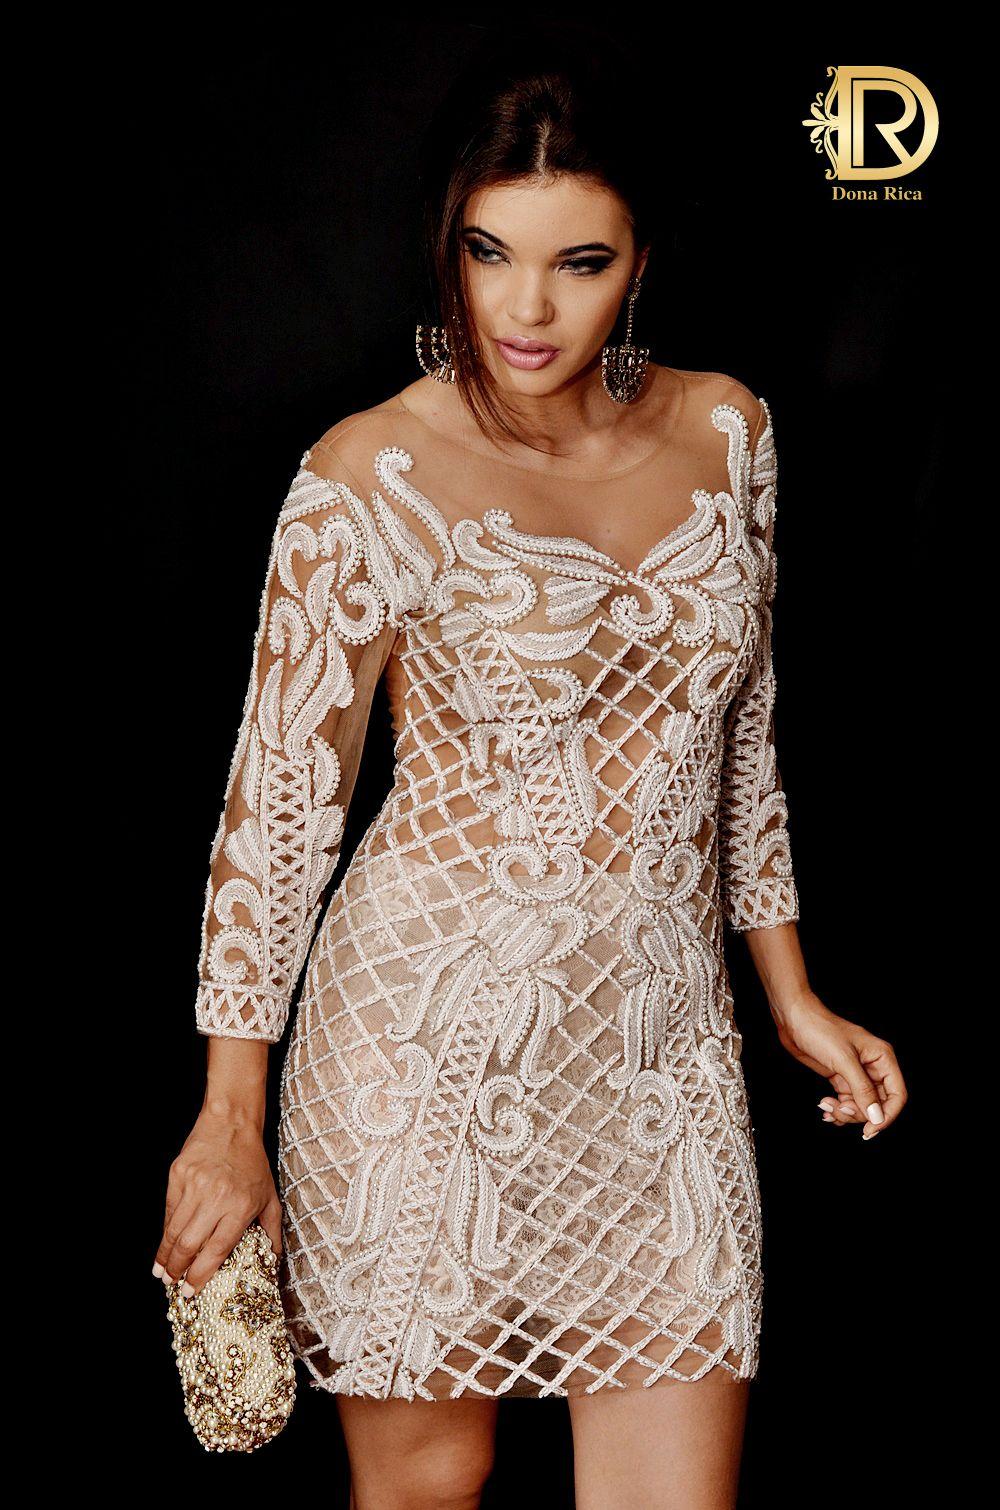 Patricia bonaldi by Dona Rica vestido branco luxo clutch perolas